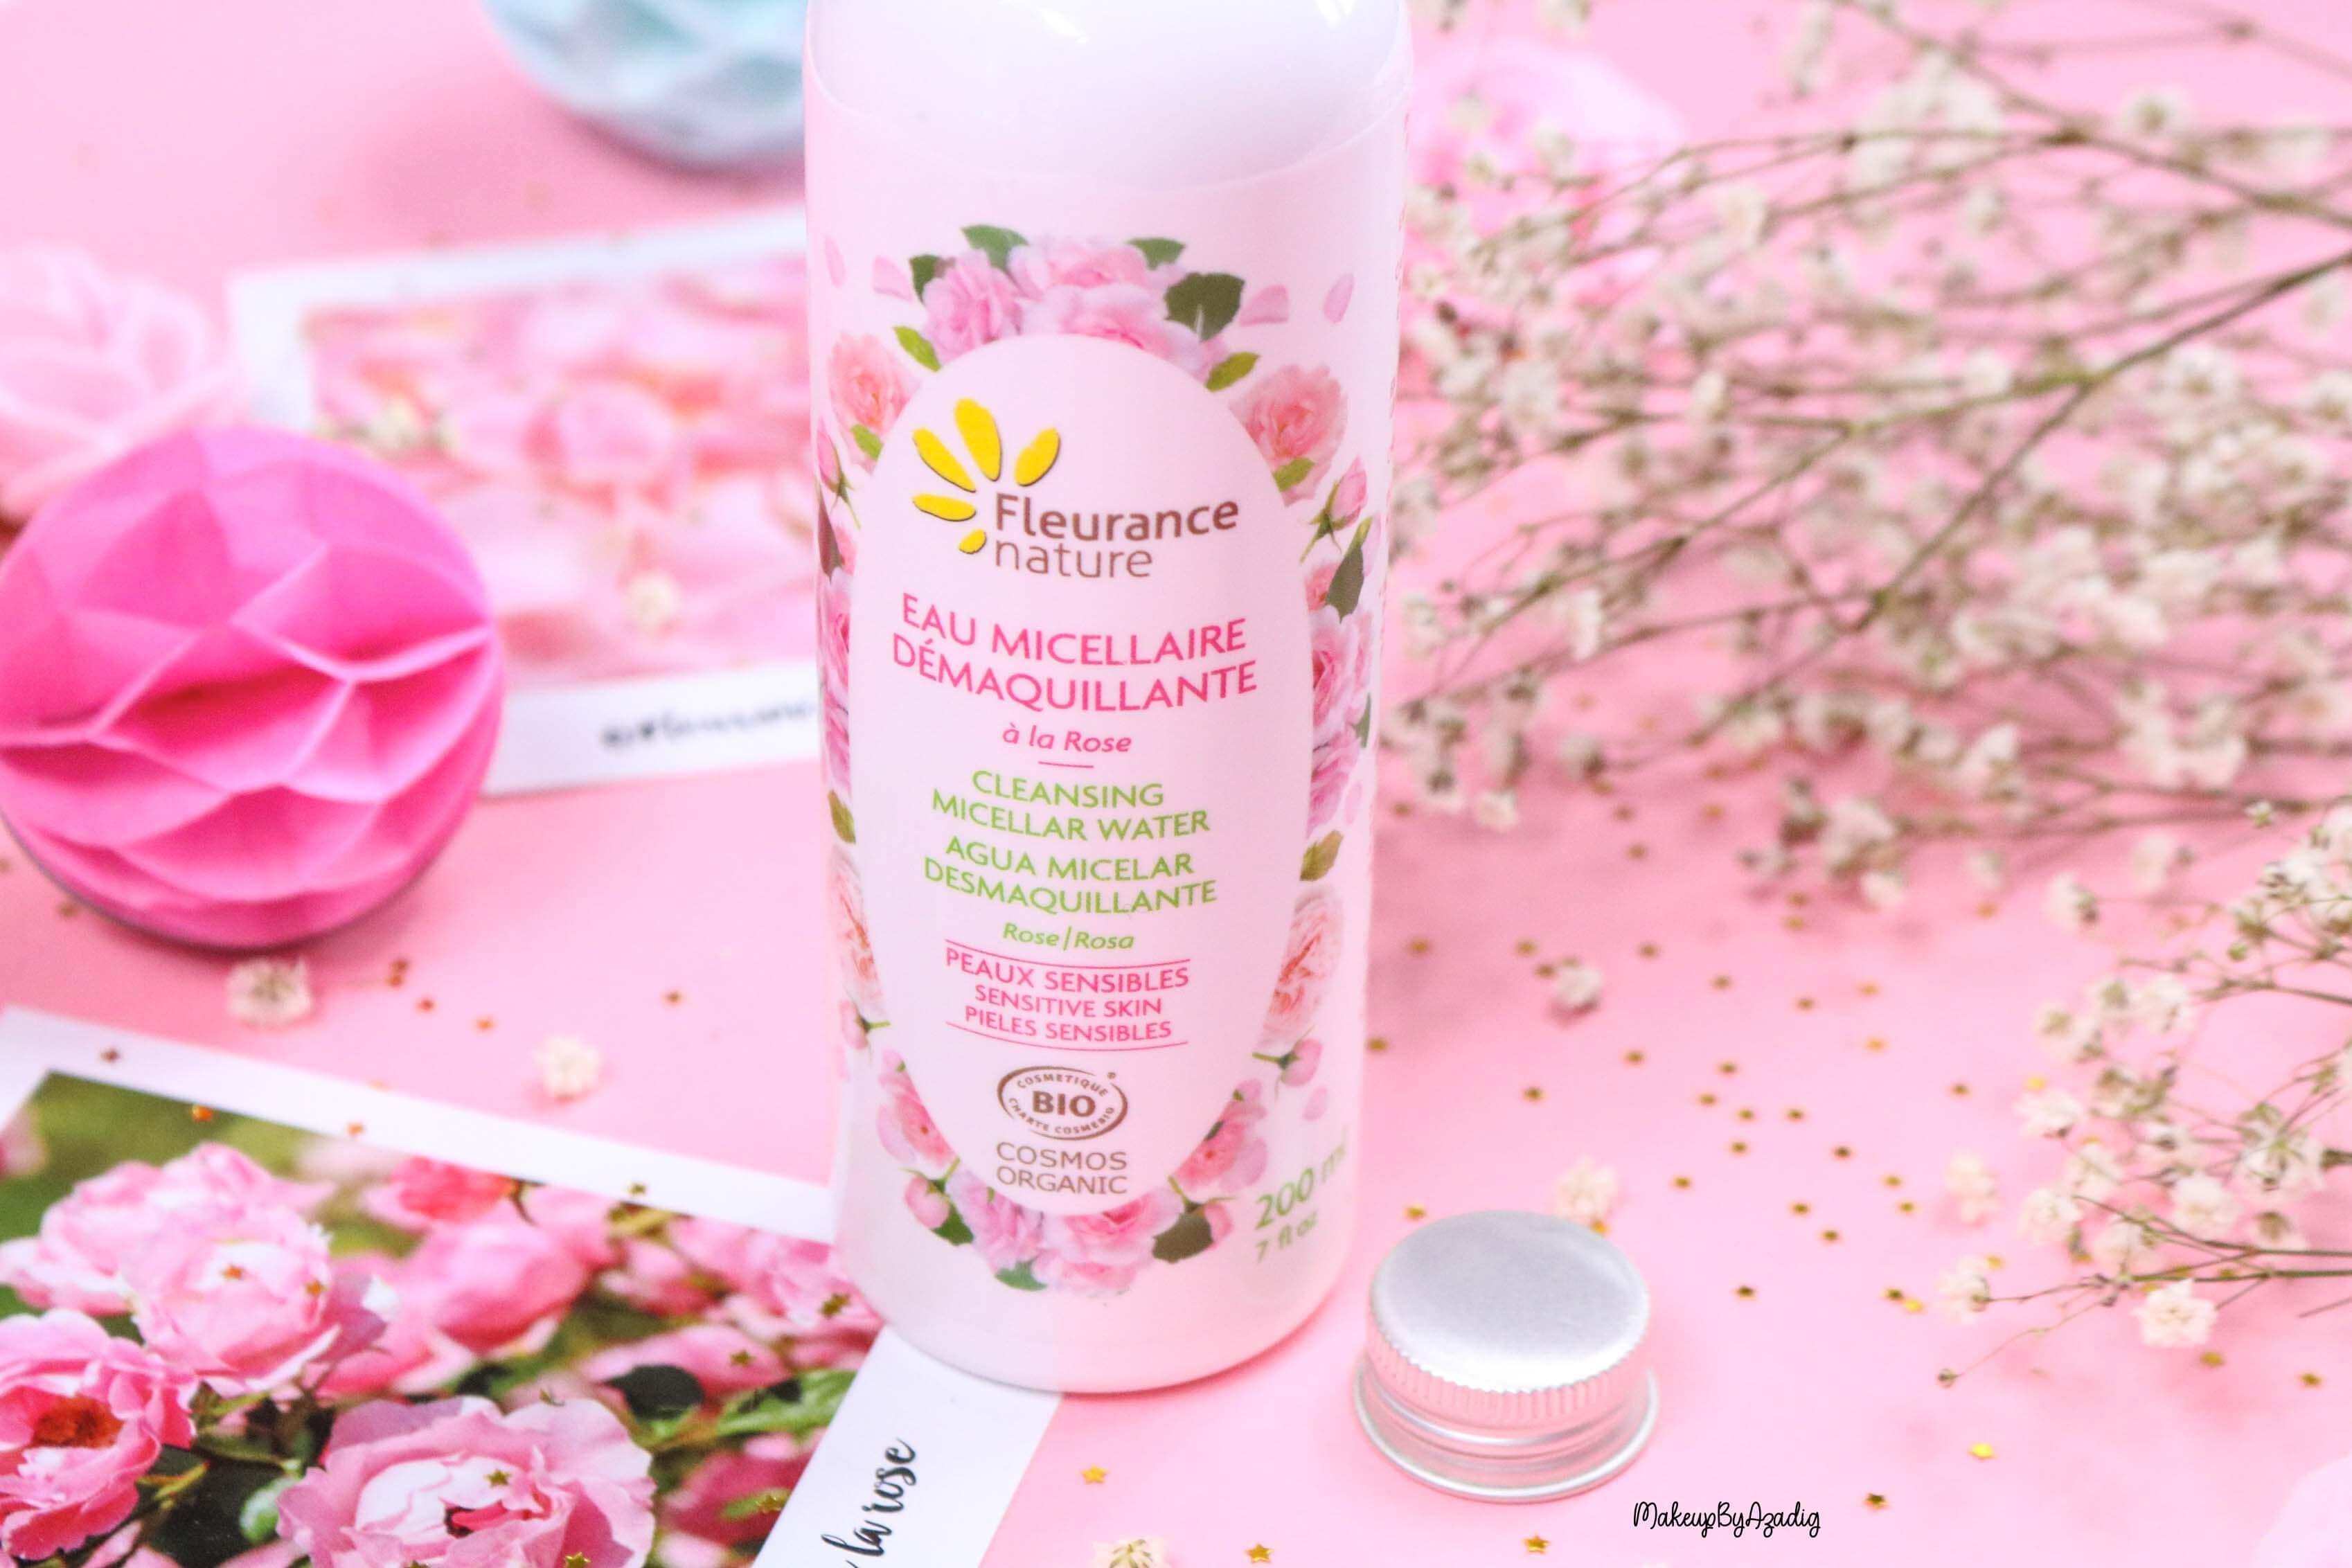 revue-eau-micellaire-demaquillante-eau-florale-rose-fleurance-nature-demaquillage-parfait-peau-acneique-makeupbyazadig-avis-prix-promo-organic